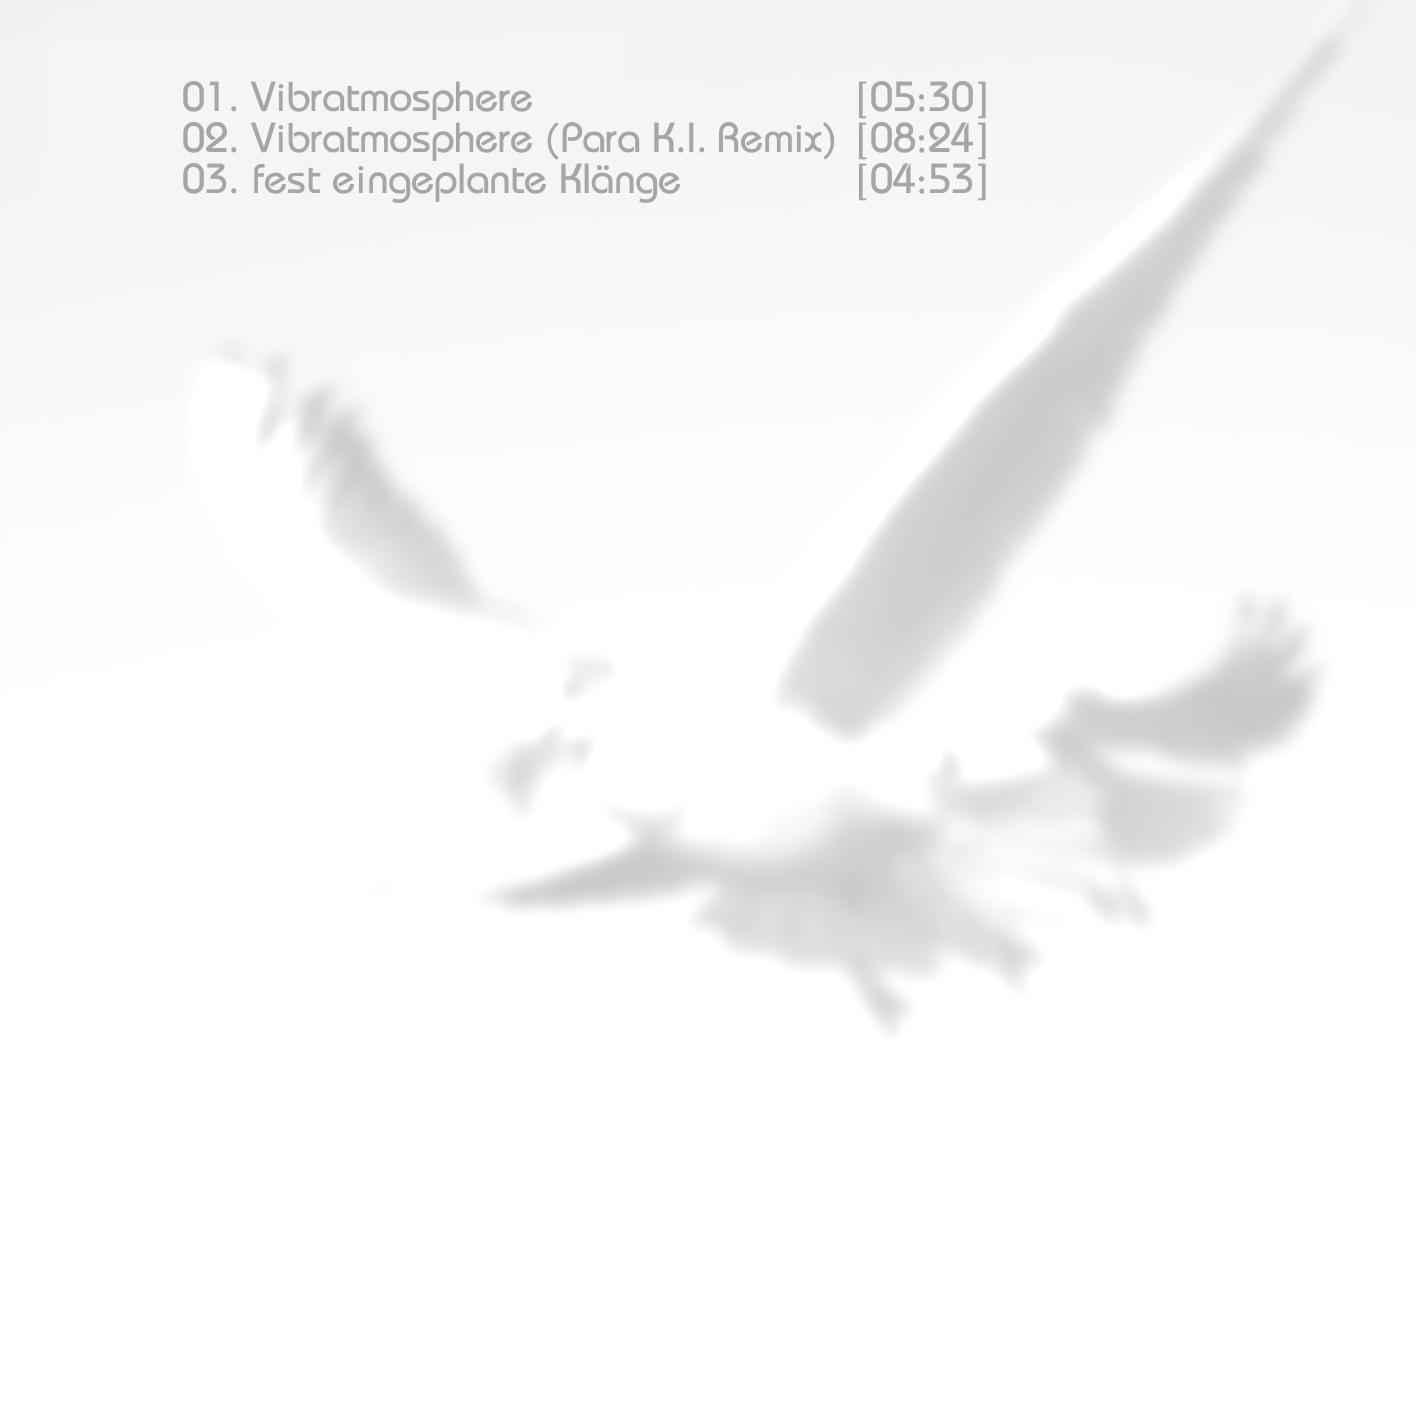 mnblck034 - Telemecaniquè - Vibratmosphere (2011)